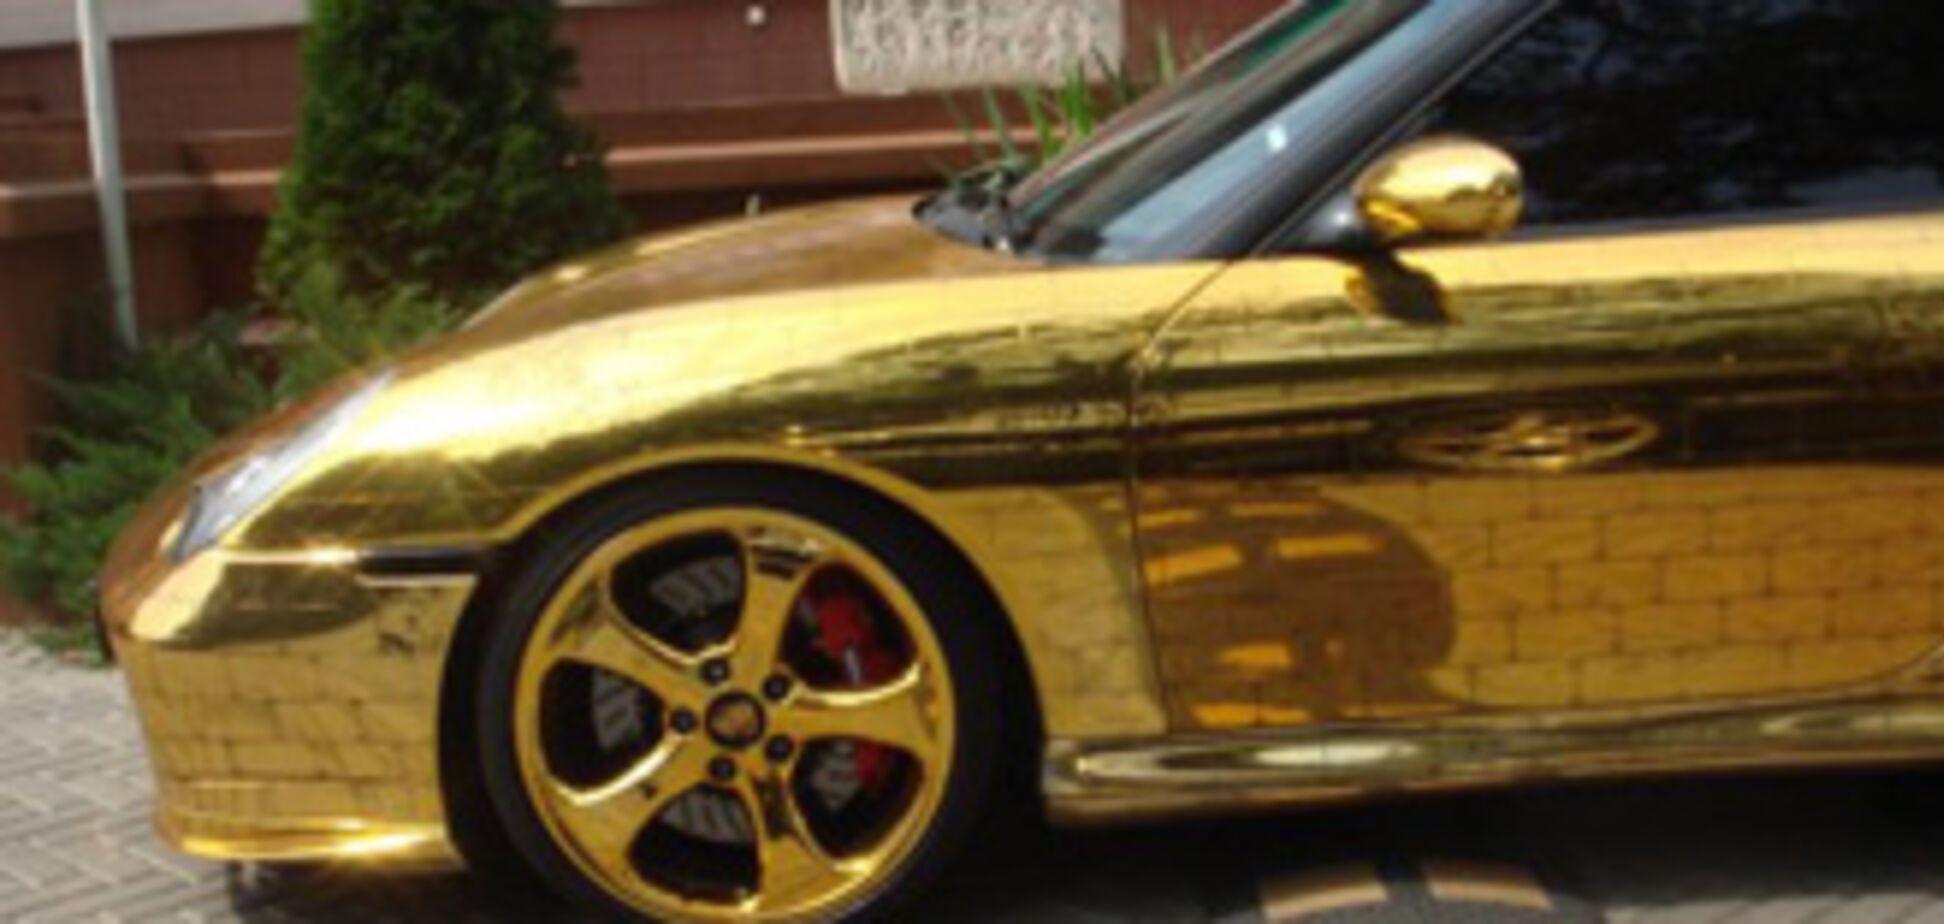 Викрадено єдиний в Москві 'золотий' 'Порше'